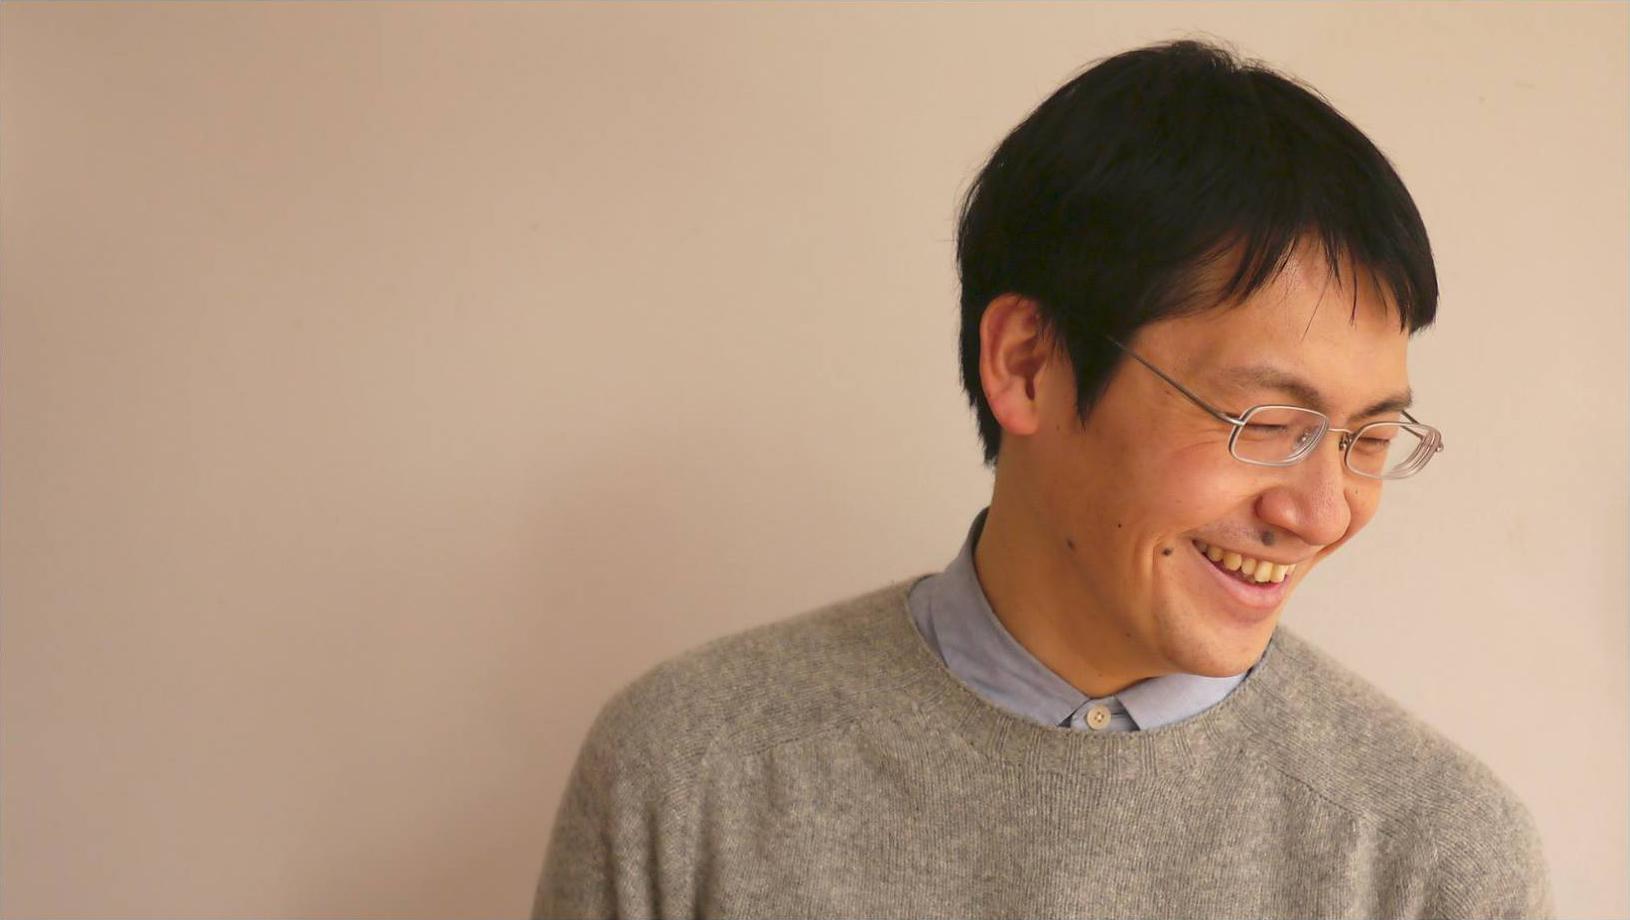 中村将大 (Masahiro Nakamura)